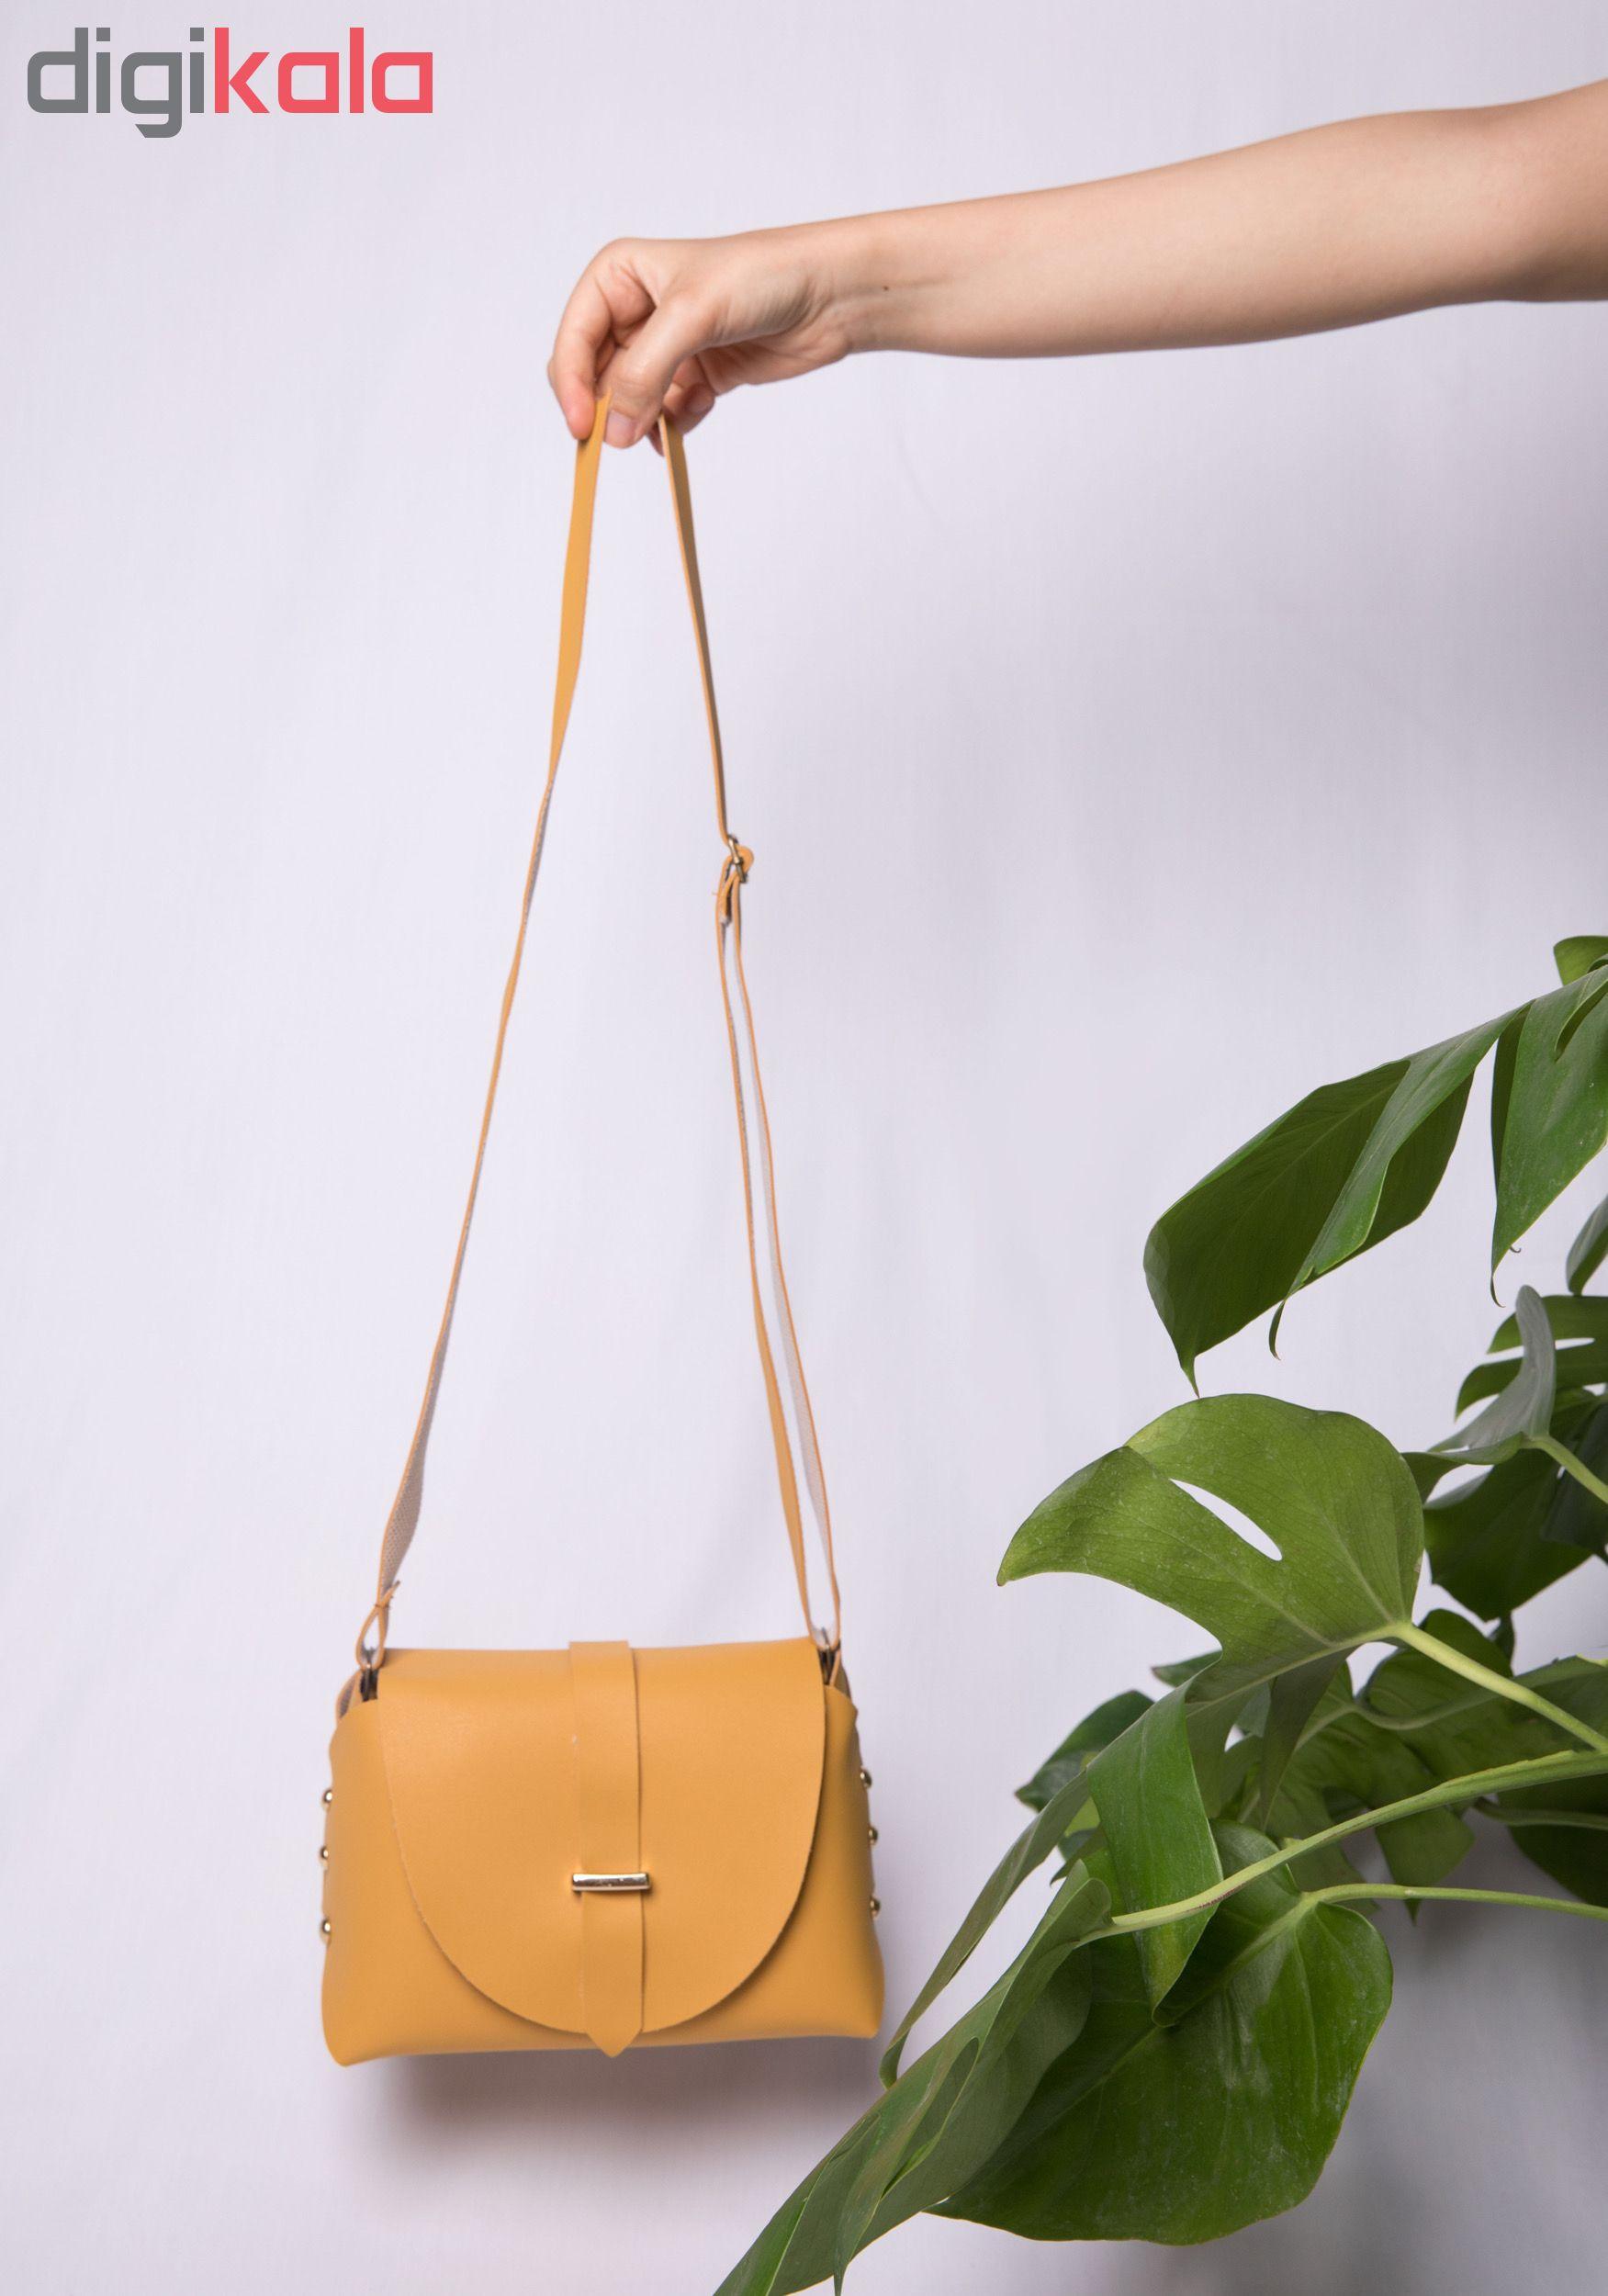 خرید اینترنتی کیف دوشی زنانه مدل روشا با قیمت مناسب